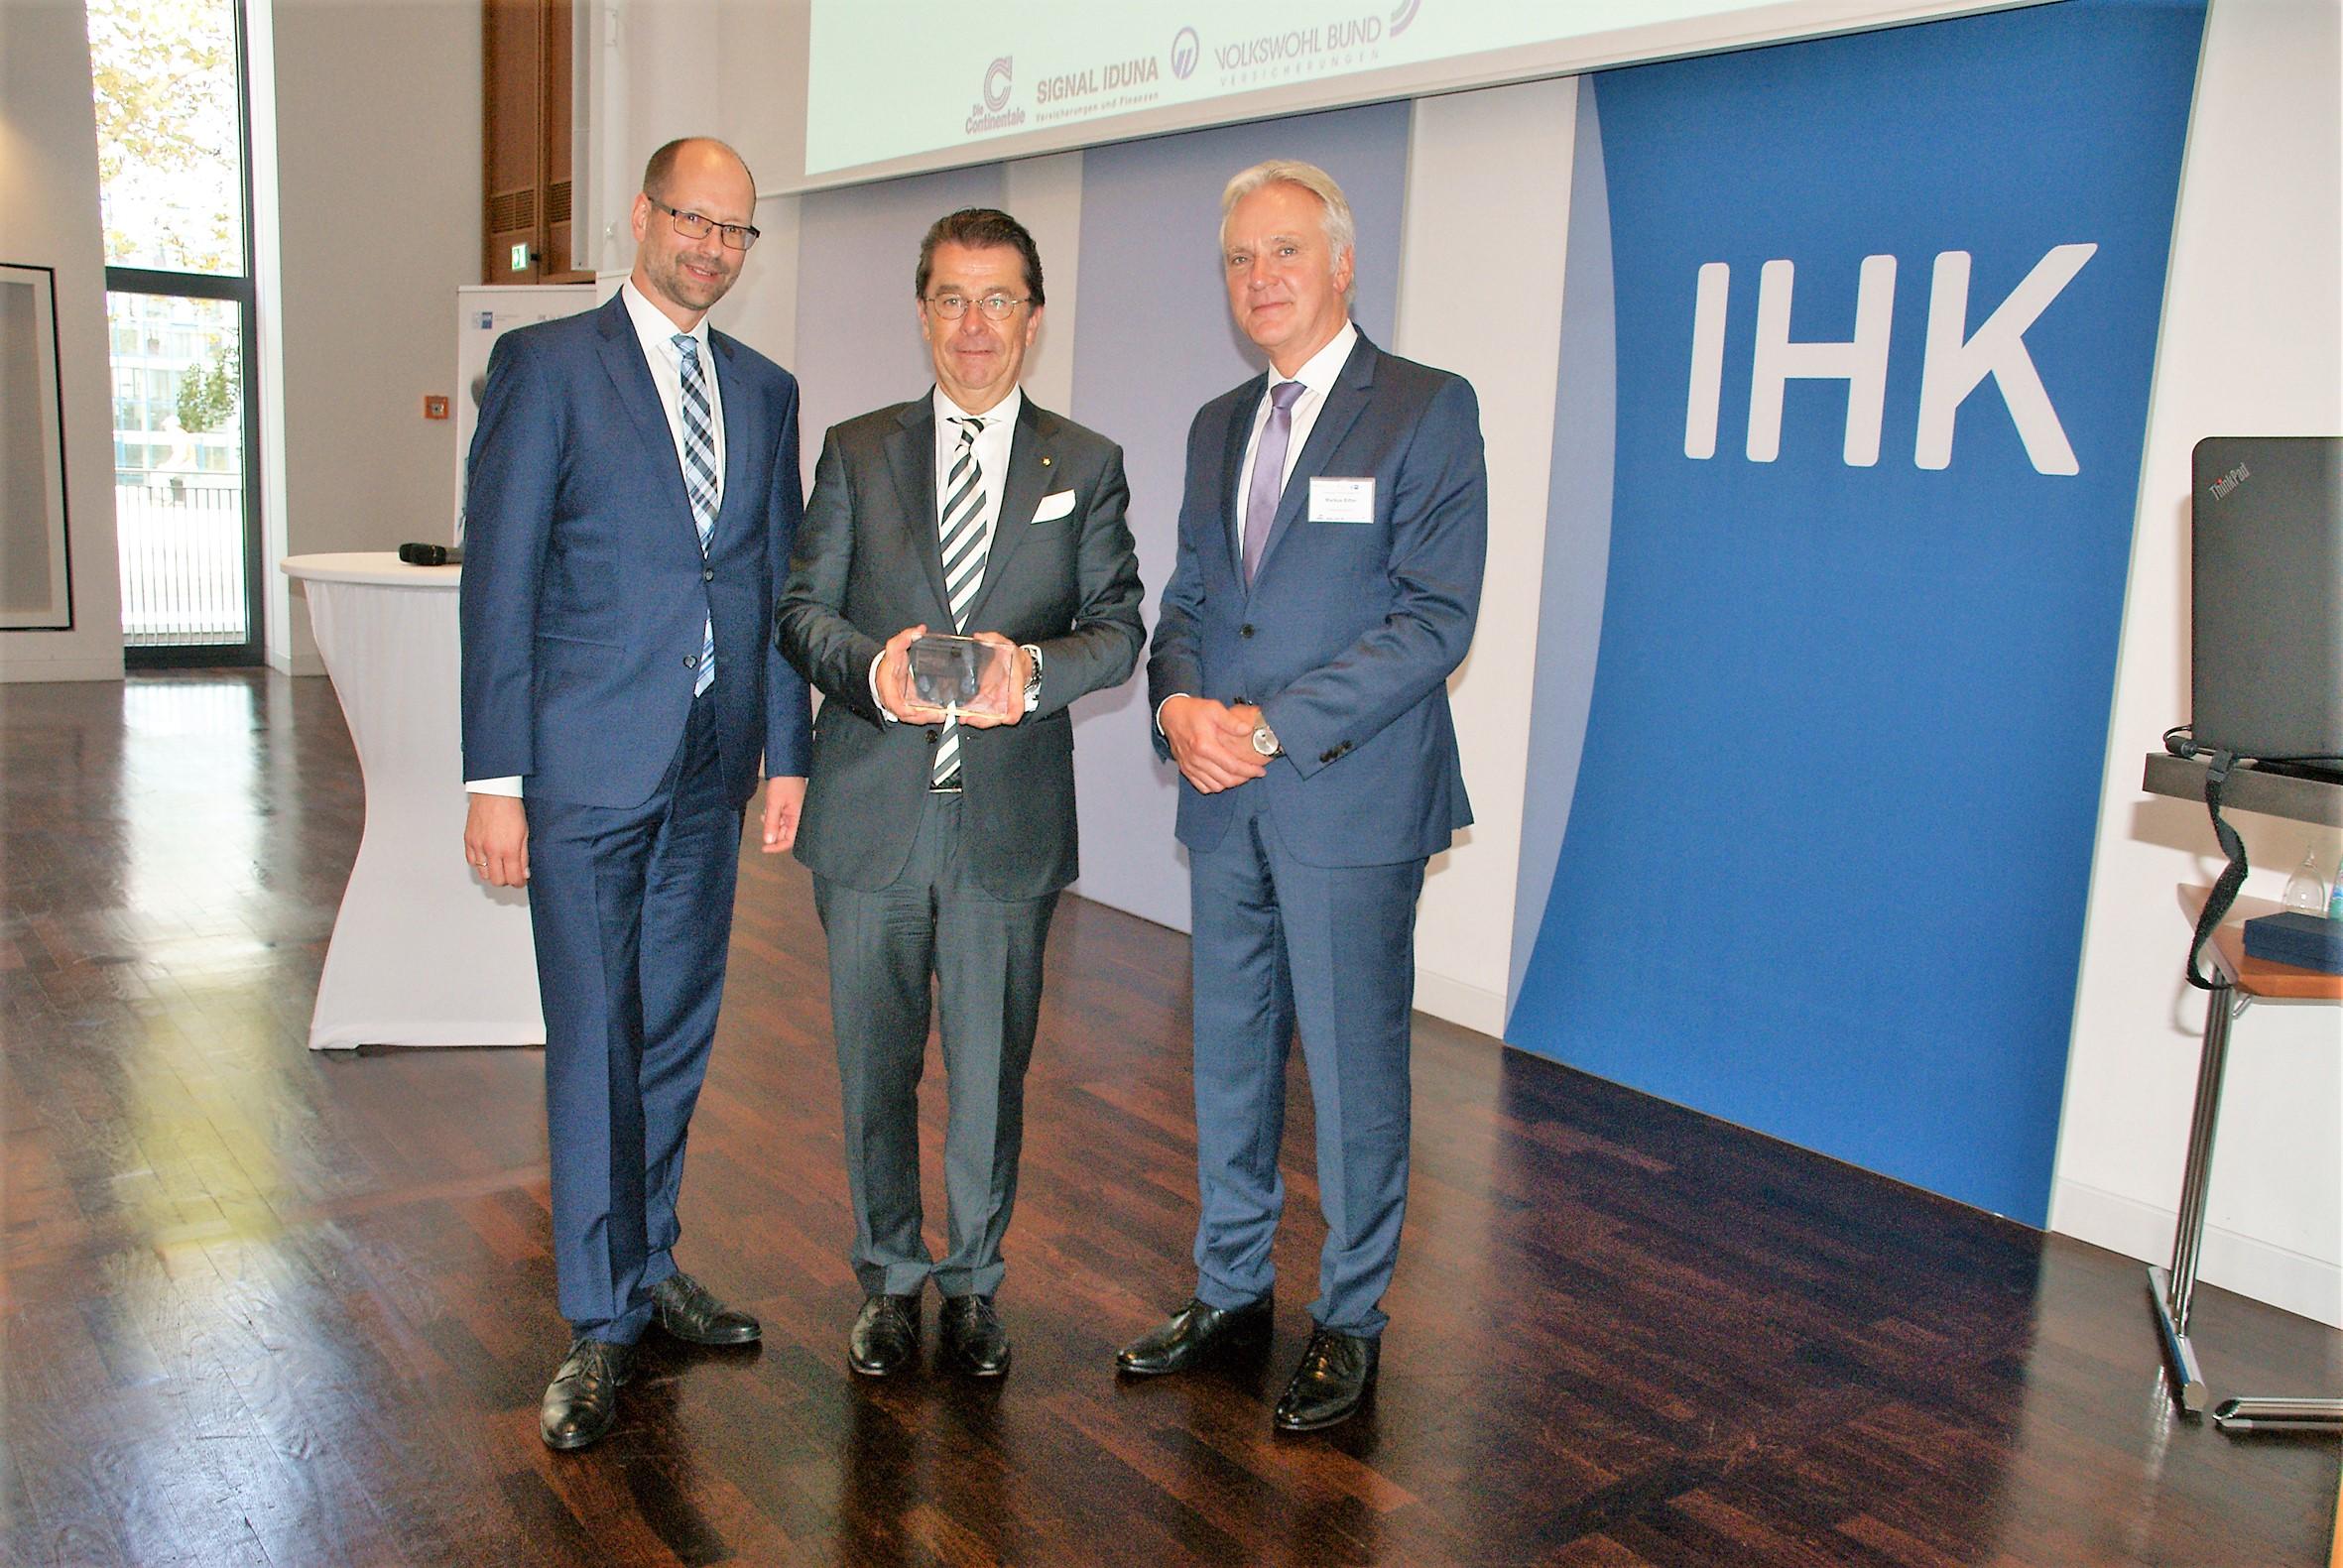 Dortmunder Versicherungstag: Michael Johnigk erhielt den Dortmunder Versicherungspreis